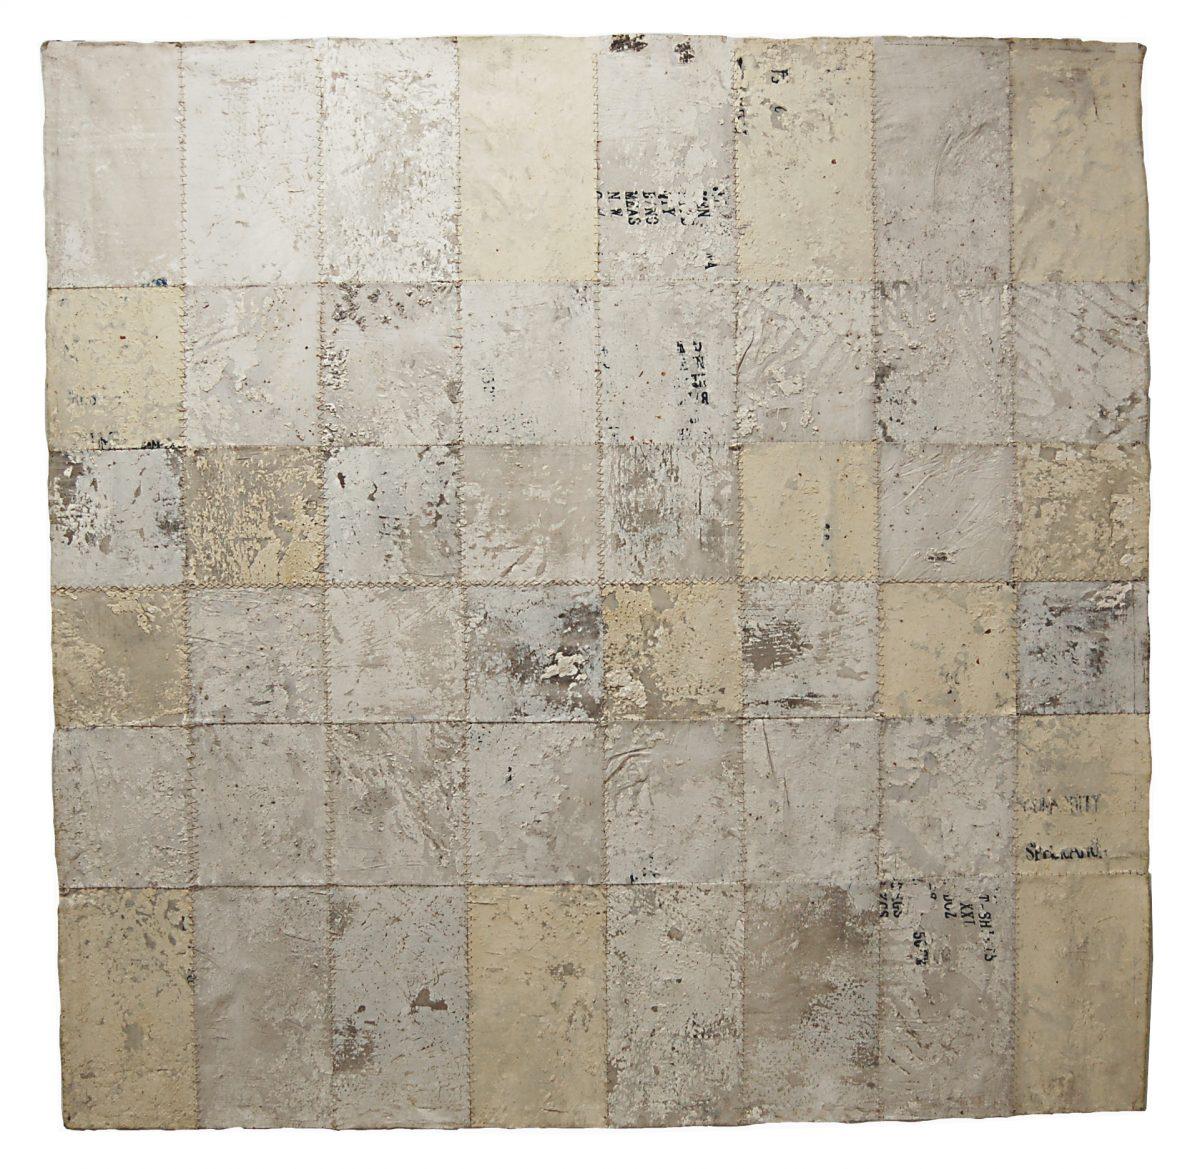 Magnolia Soto. Sin Título. 1997. Técnica mixta. 200 x 197 cm.